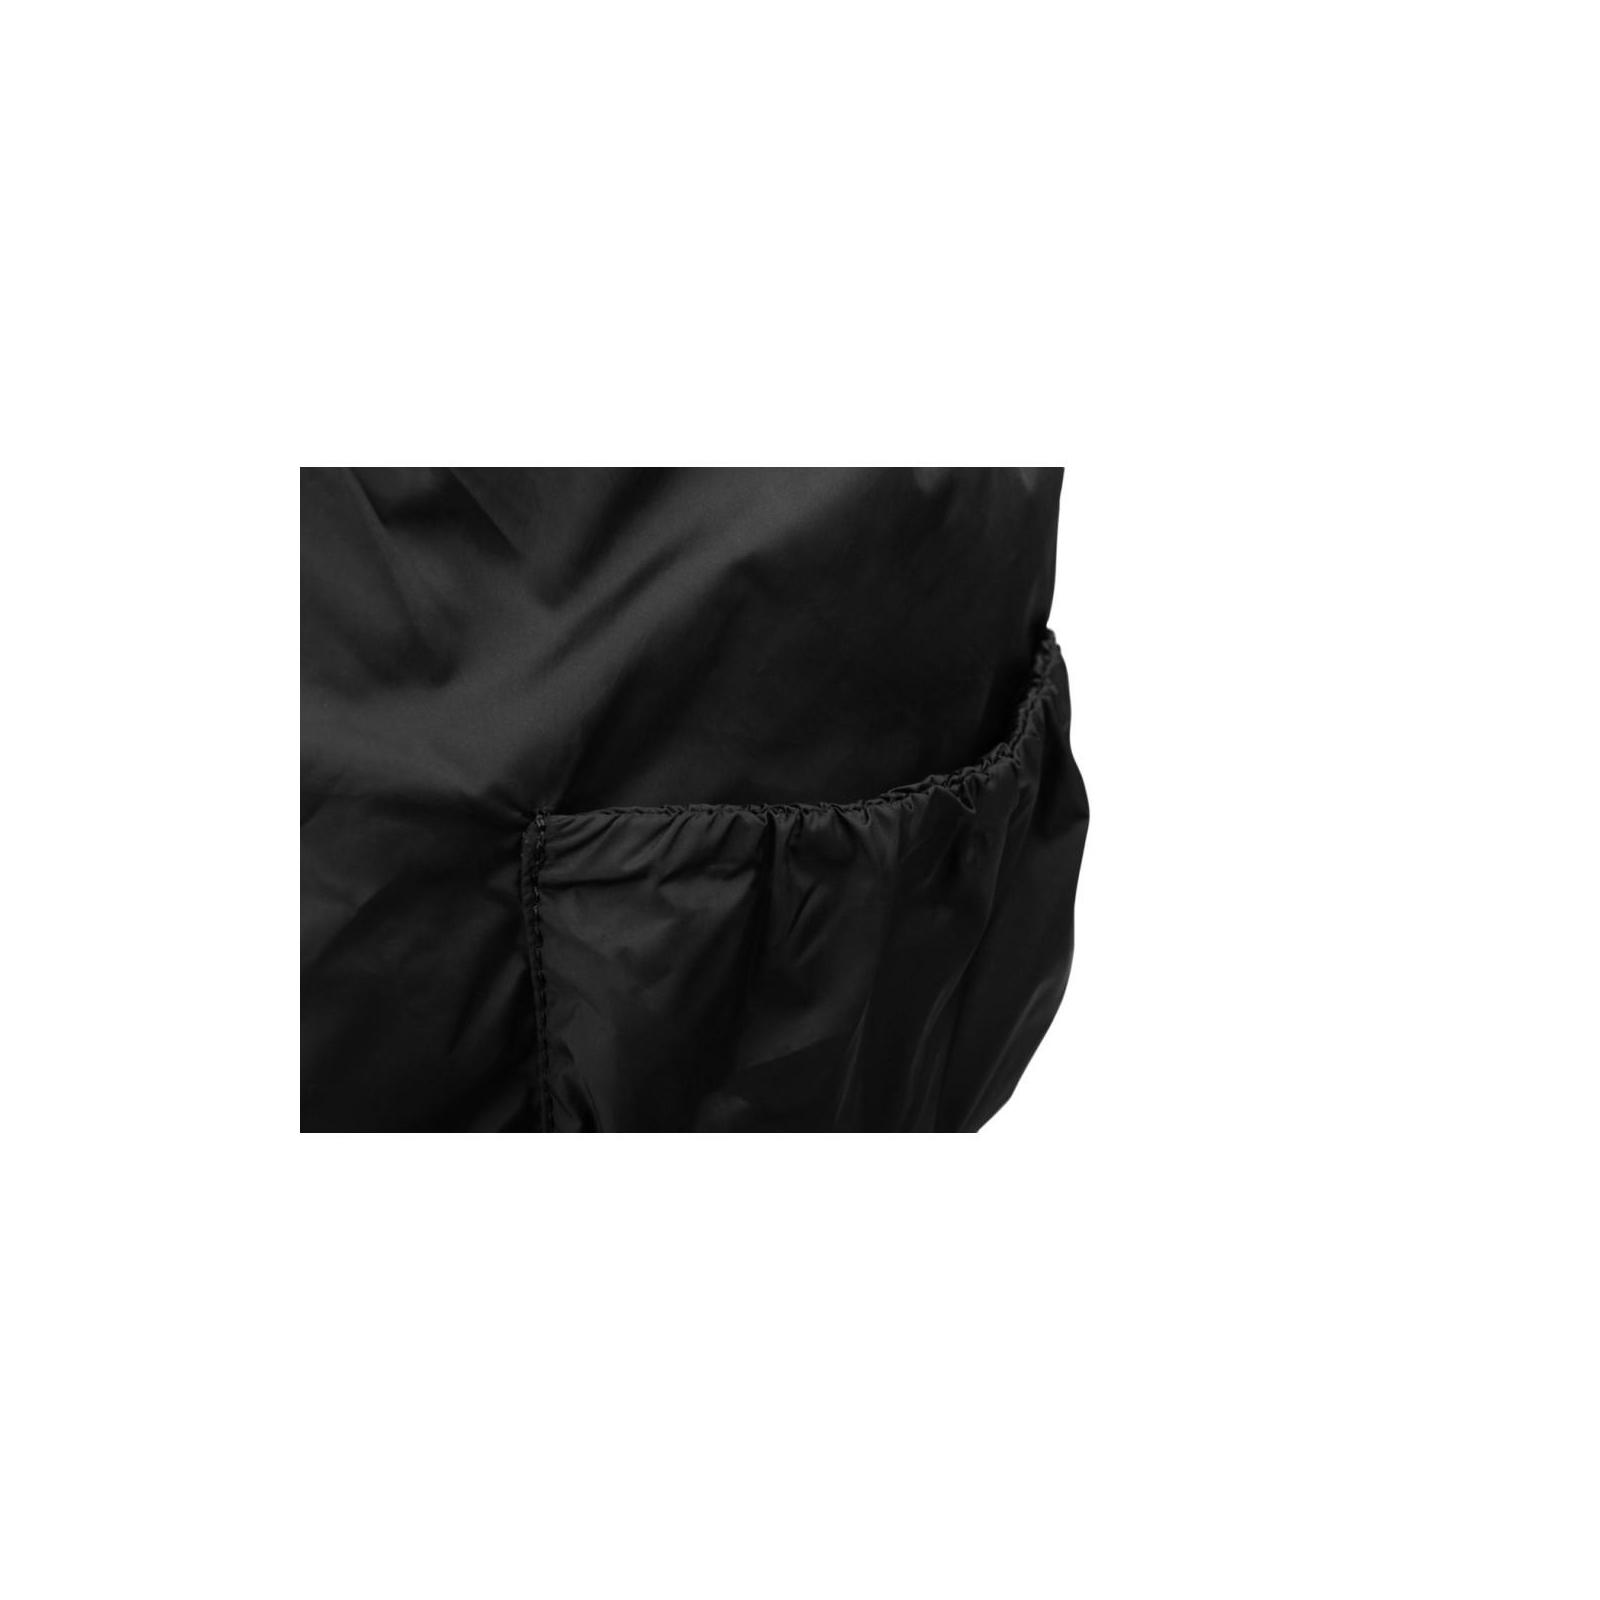 Сумка дорожная Tucano COMPATTO XL WEEKENDER PACKABLE черная (BPCOWE) изображение 9